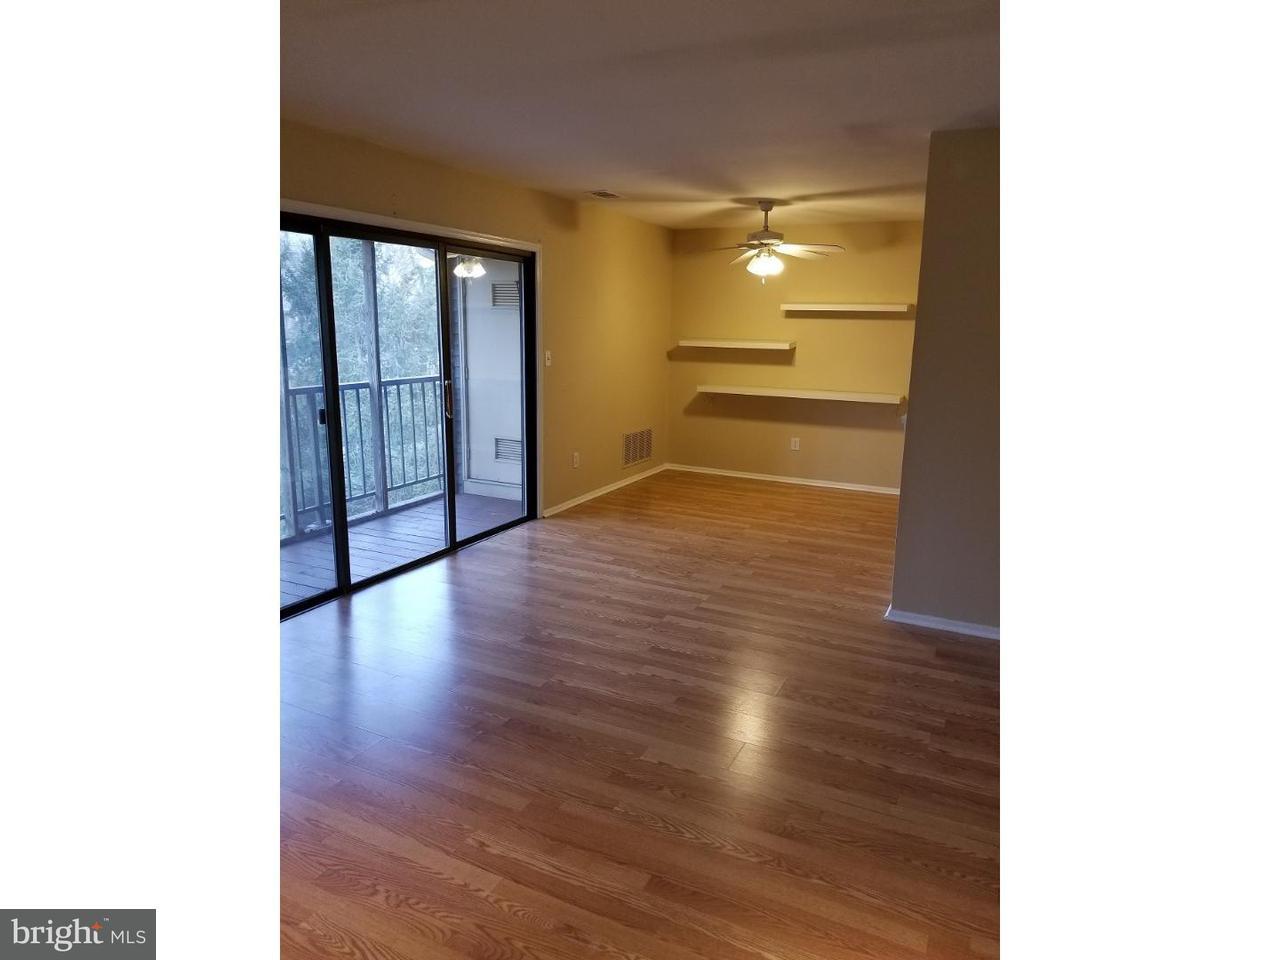 联栋屋 为 出租 在 26 WYNDHAM Place 罗宾斯维尔, 新泽西州 08691 美国在/周边: Robbinsville Township